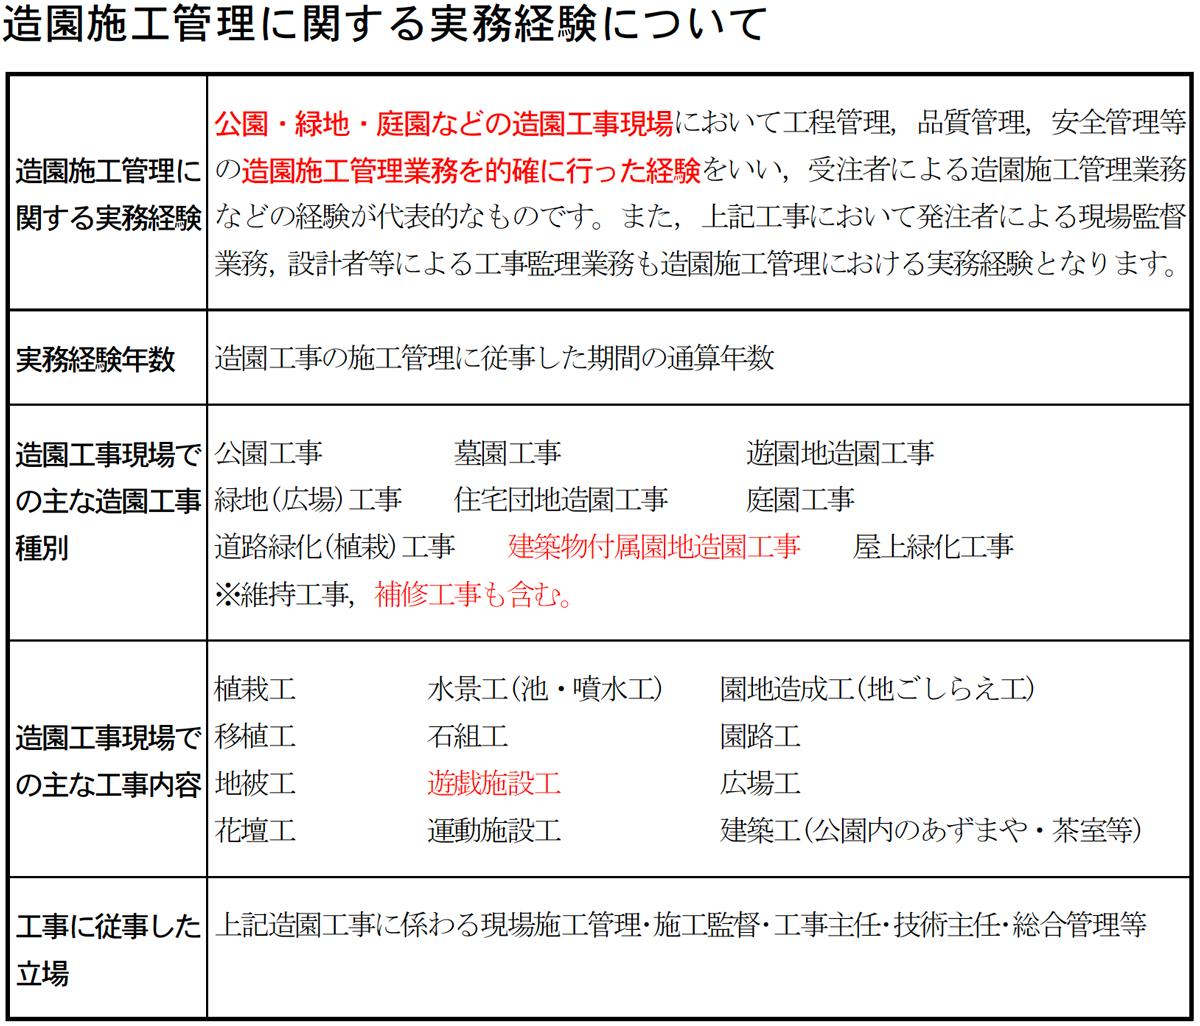 技士 合格 2 発表 施工 管理 土木 級